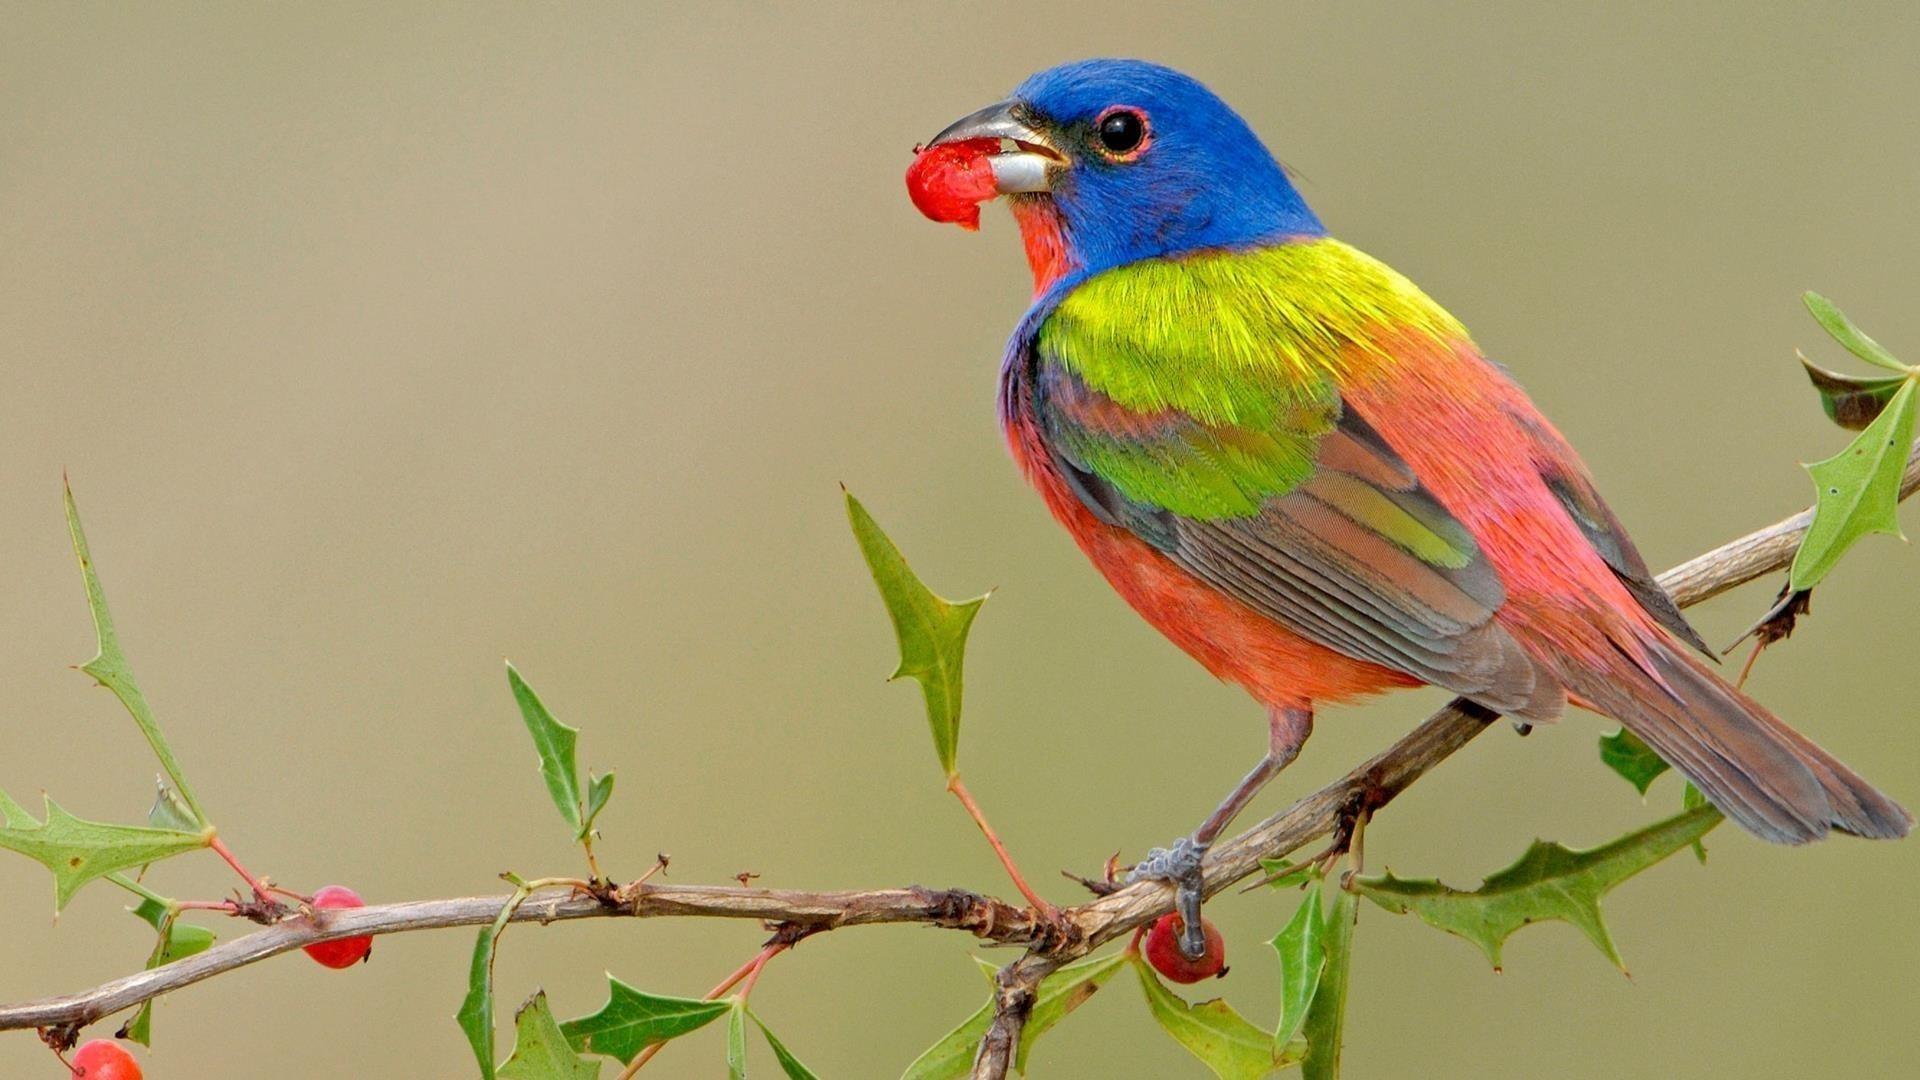 Сине зеленая персиковая птица с листом во рту сидит на ветке ягодного дерева птицы обои скачать